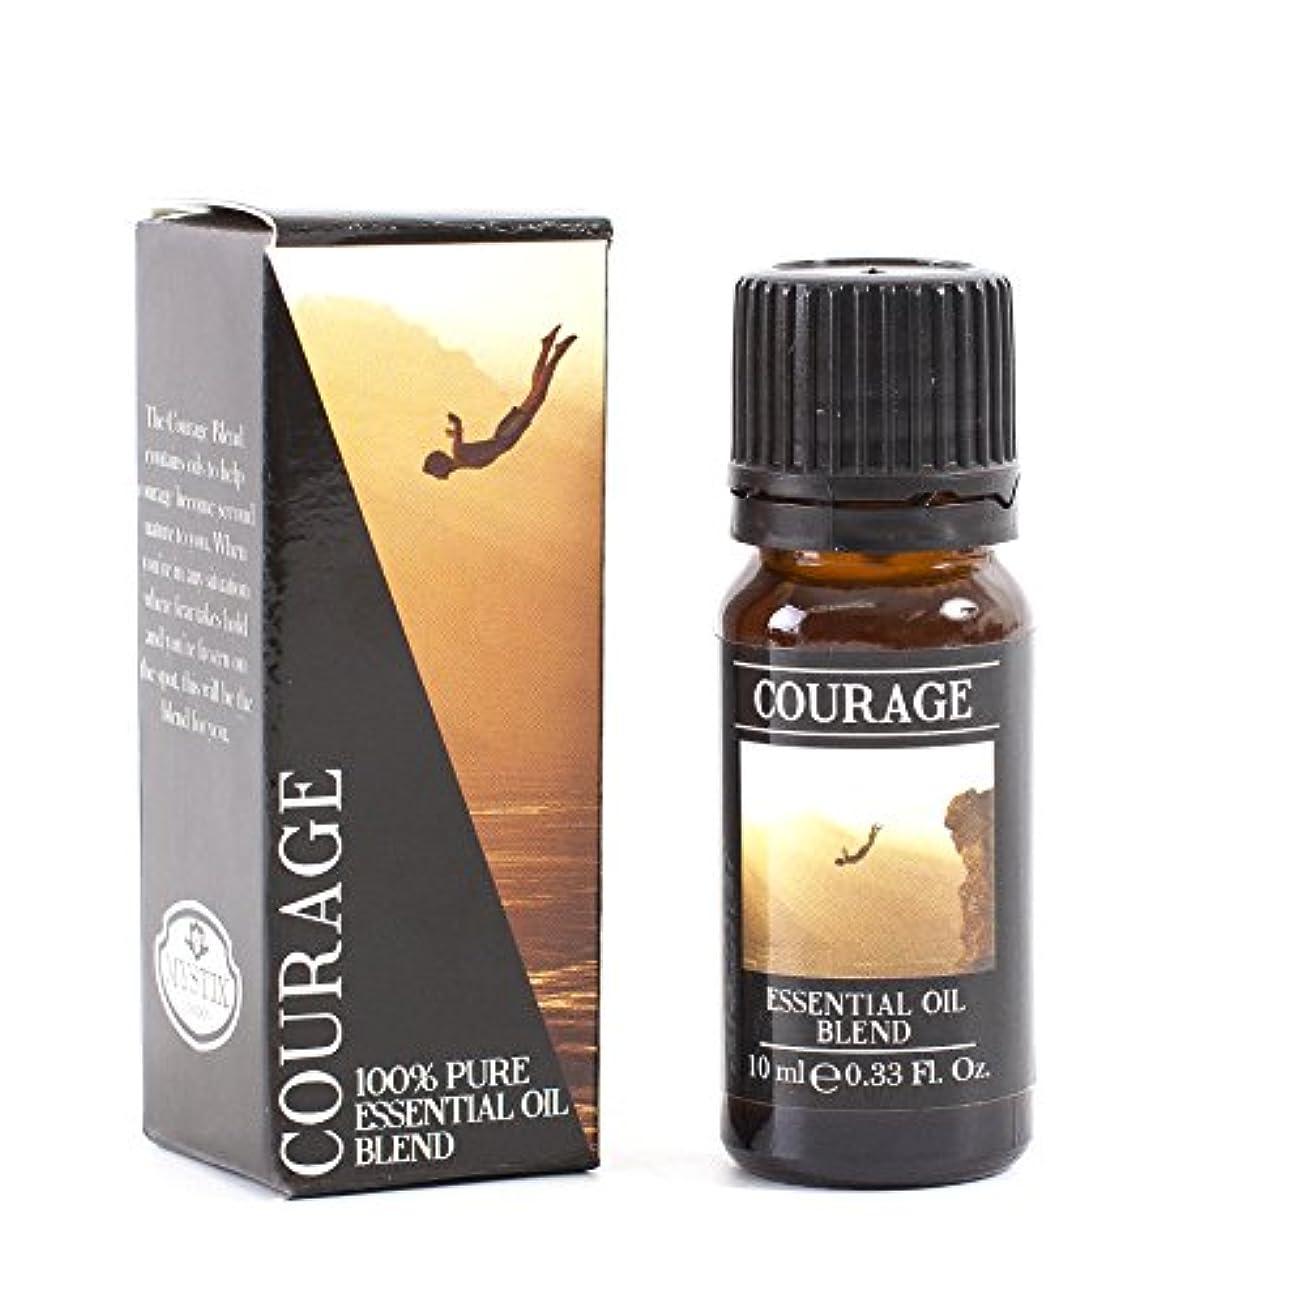 青から聞く失礼なMystic Moments | Courage Essential Oil Blend - 10ml - 100% Pure